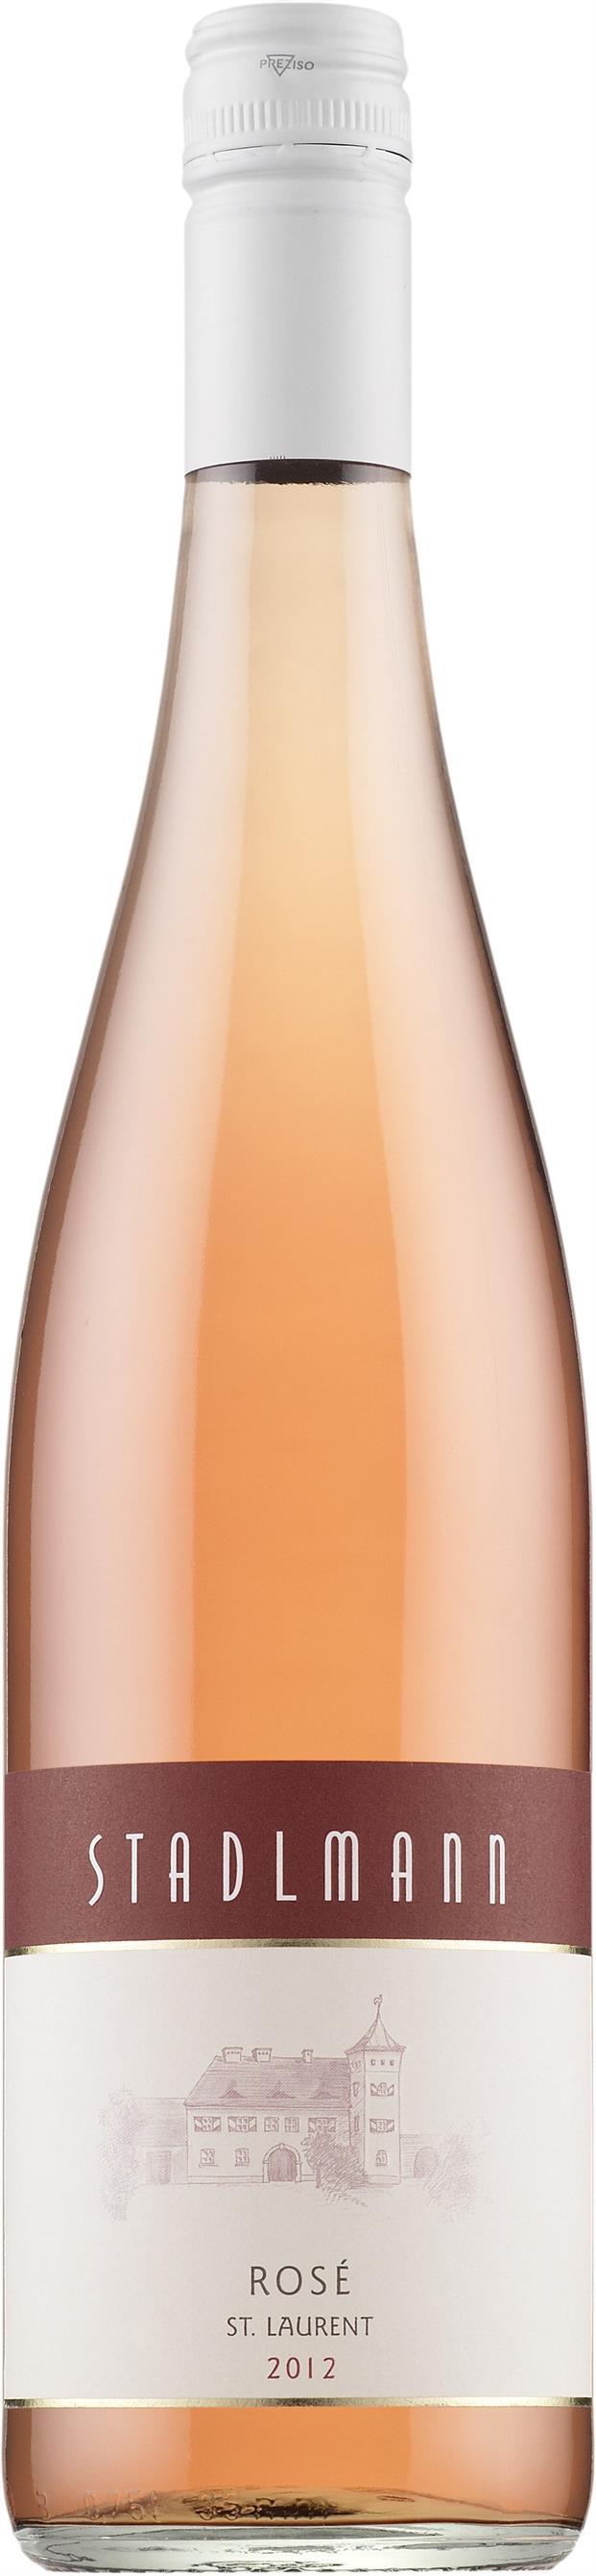 Stadlmann Rosé St. Laurent 2015 roseviini rose luomu 13 e